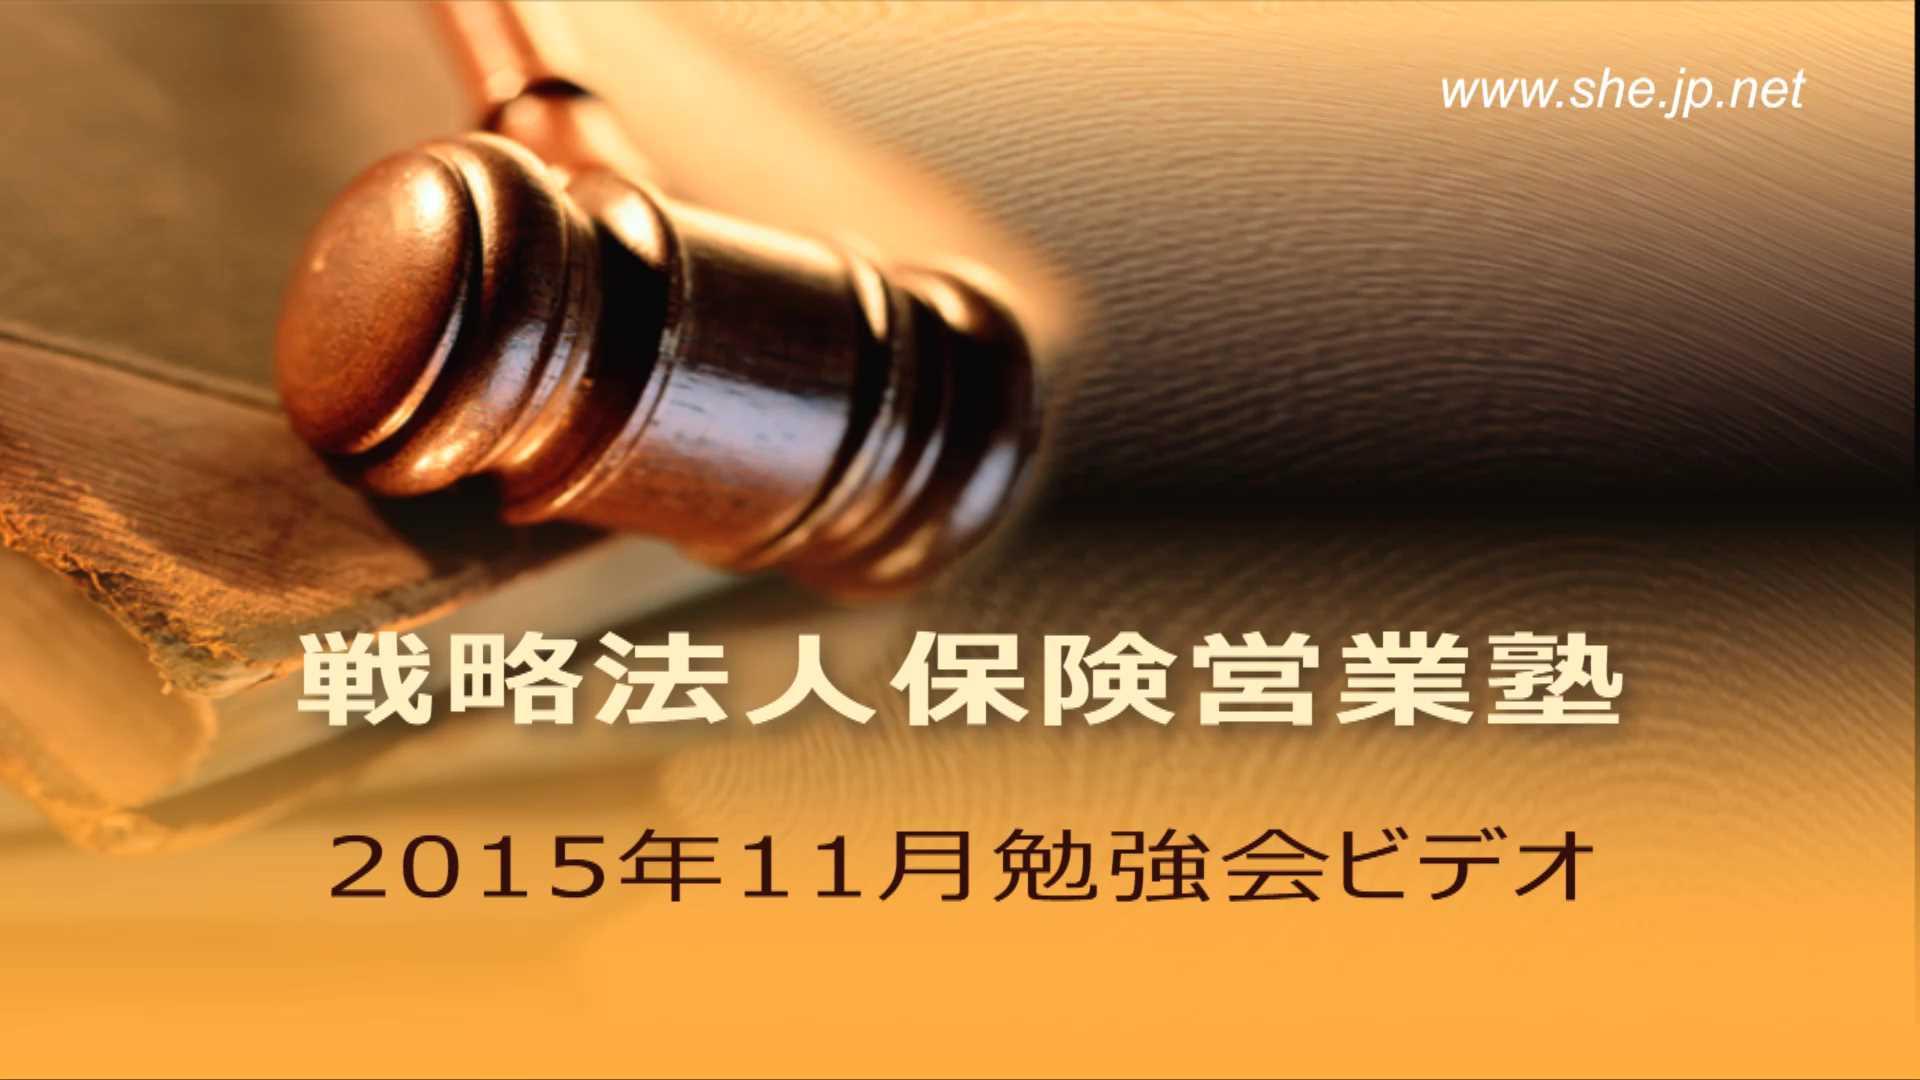 【受講者専用】 2015年11月LiveSHE勉強会ビデオ(メンバー限定)